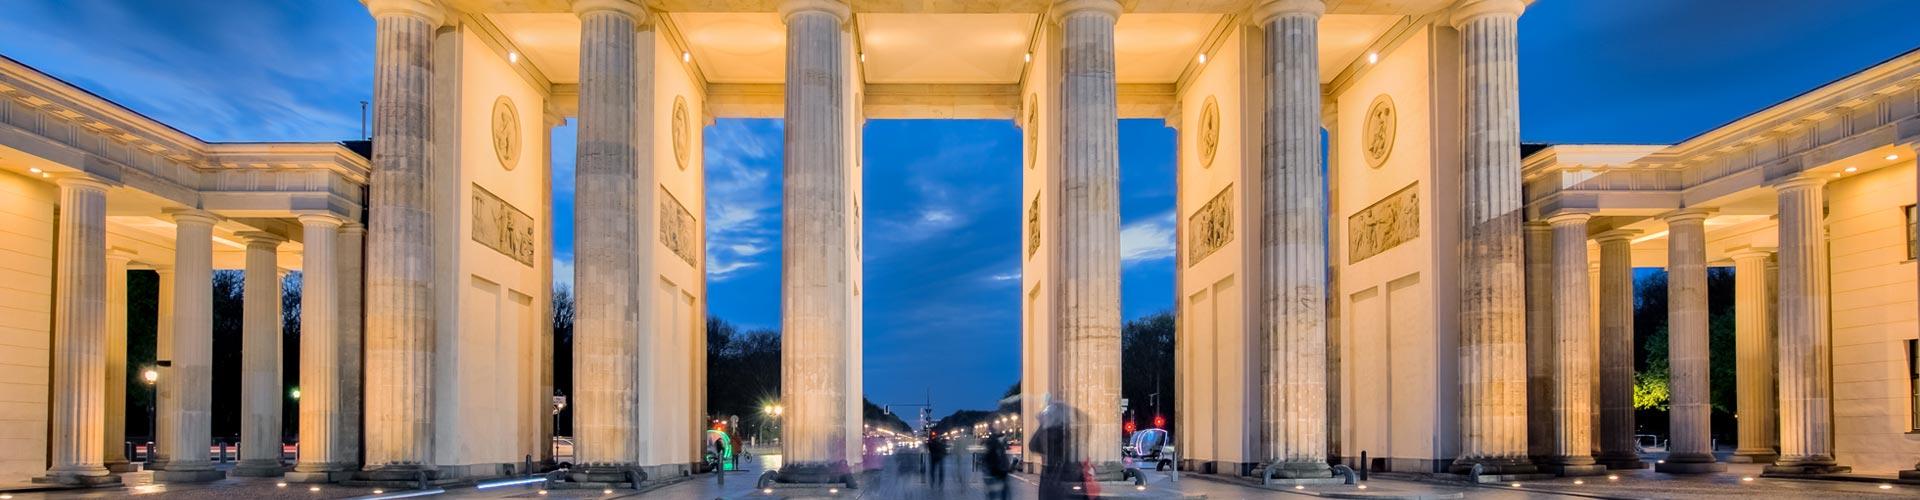 sprach-lernen-berlin